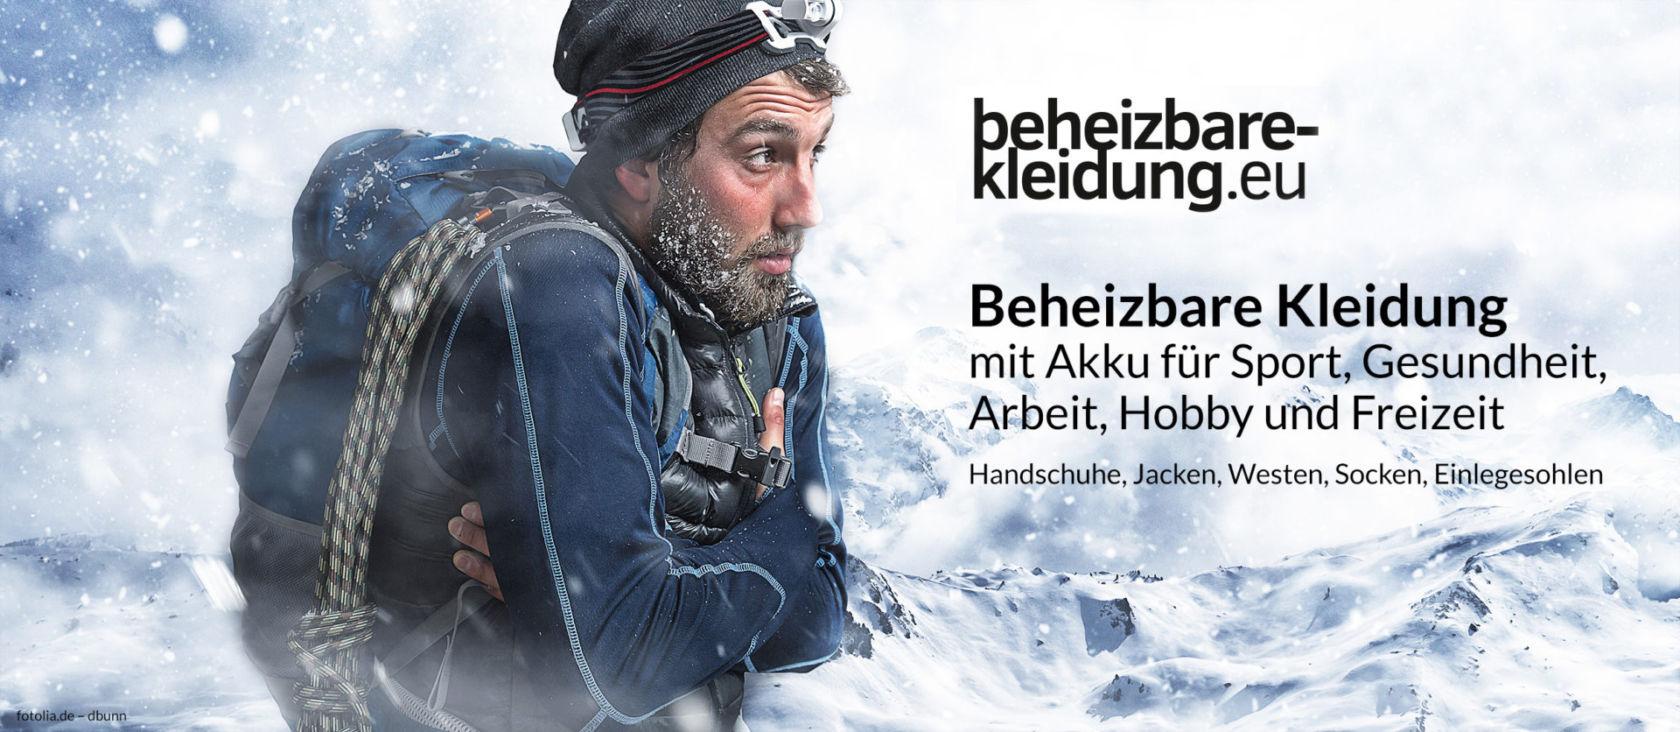 beheizbare-handschuhe_beheizte-jacken_warme-kleidung